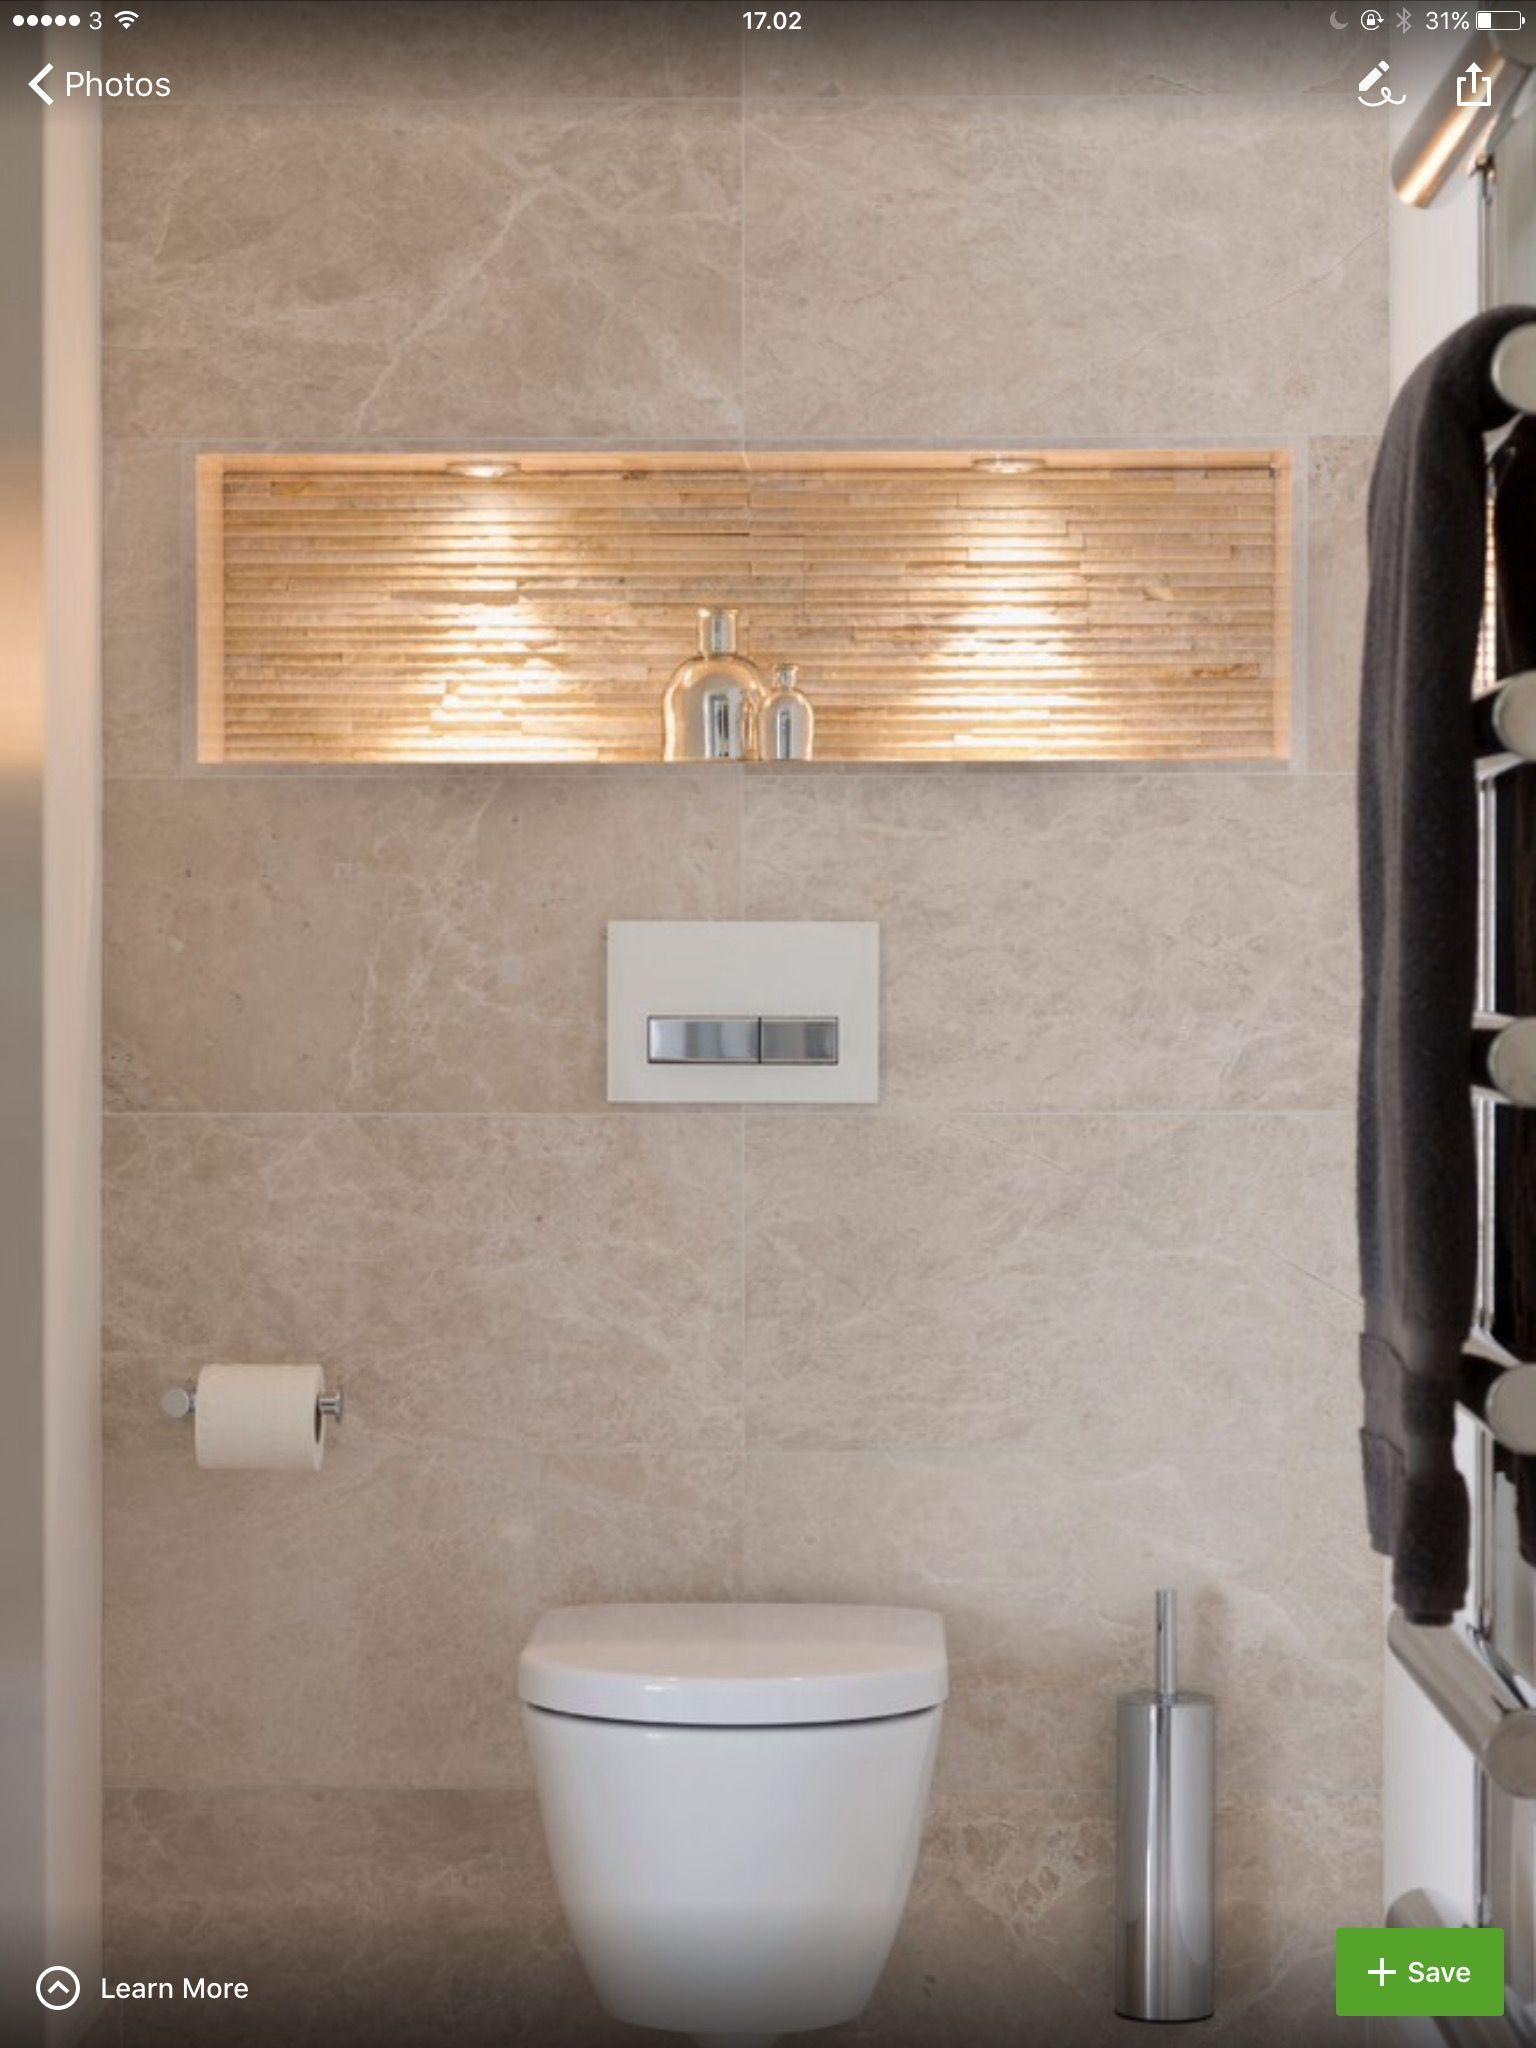 Badezimmer design 2 x 2 meter franziska bäthge fbthge on pinterest